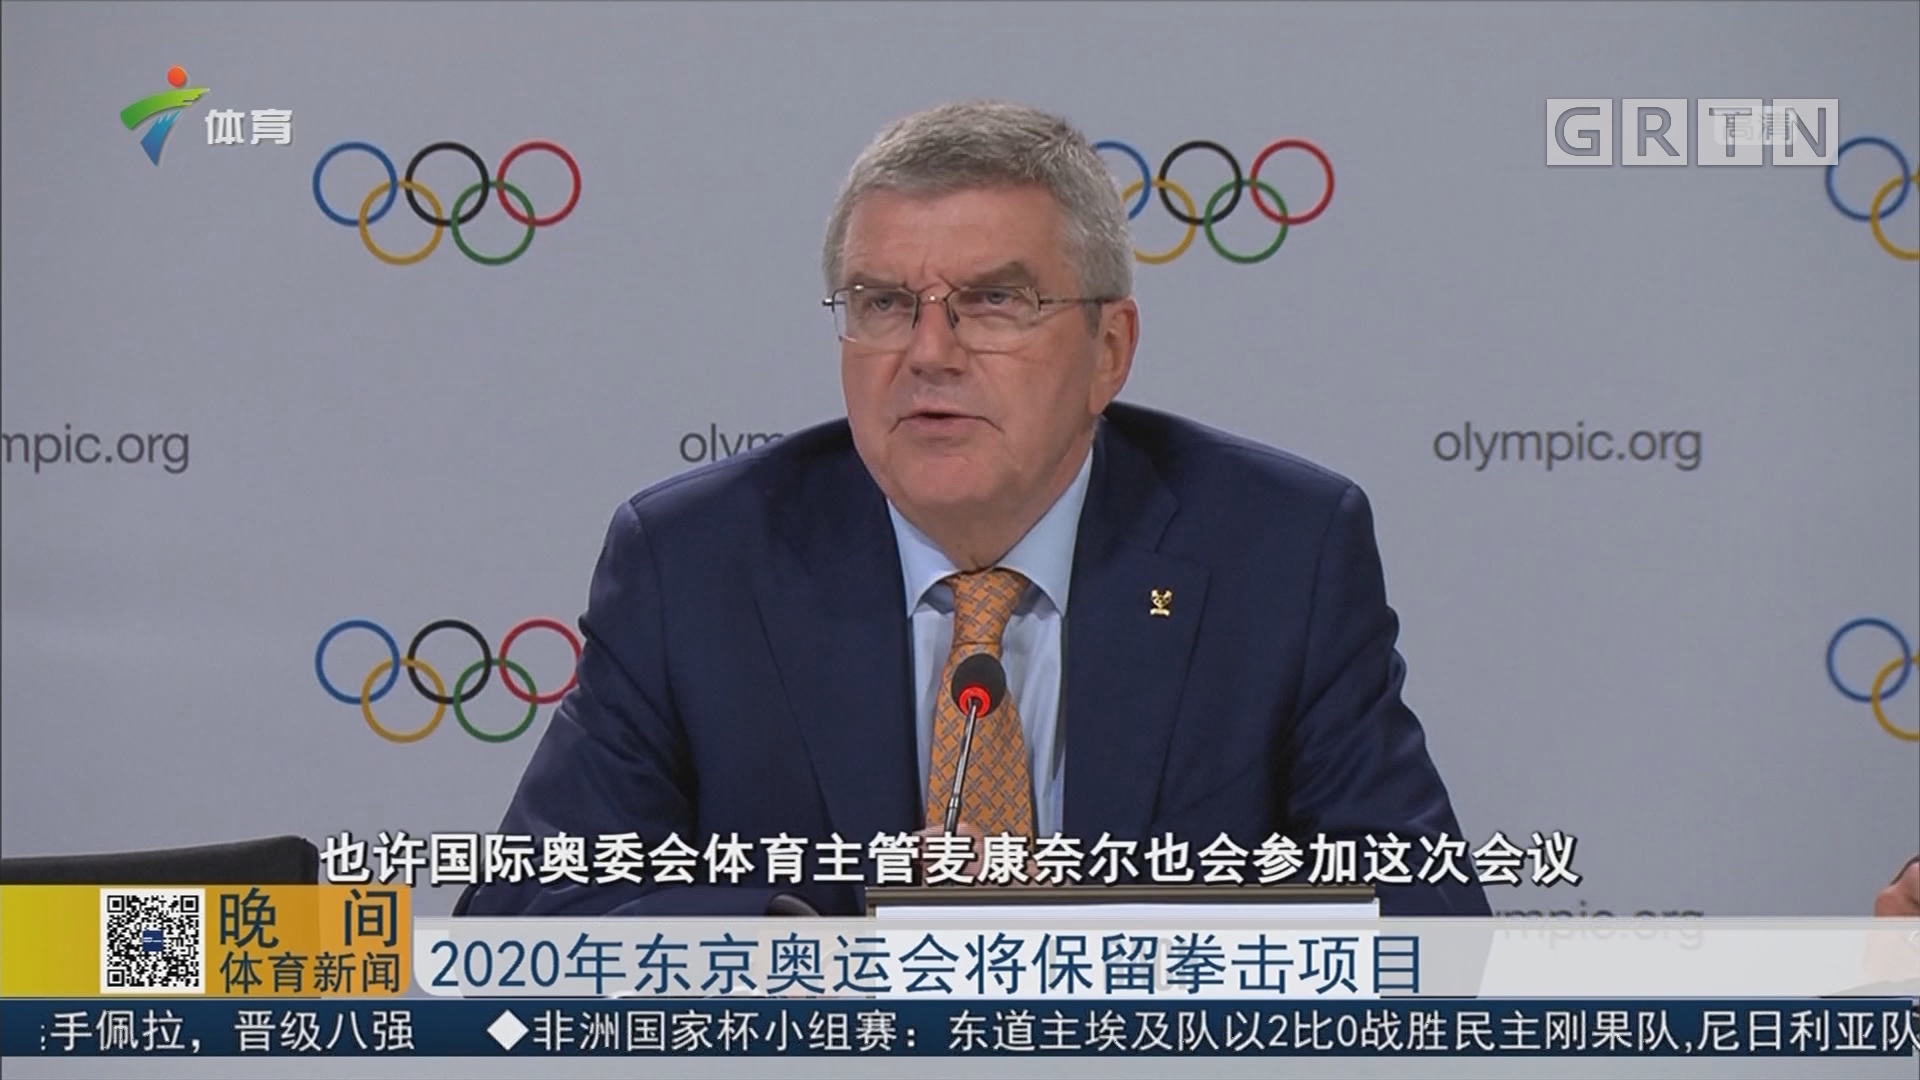 2020年东京奥运会将保留拳击项目